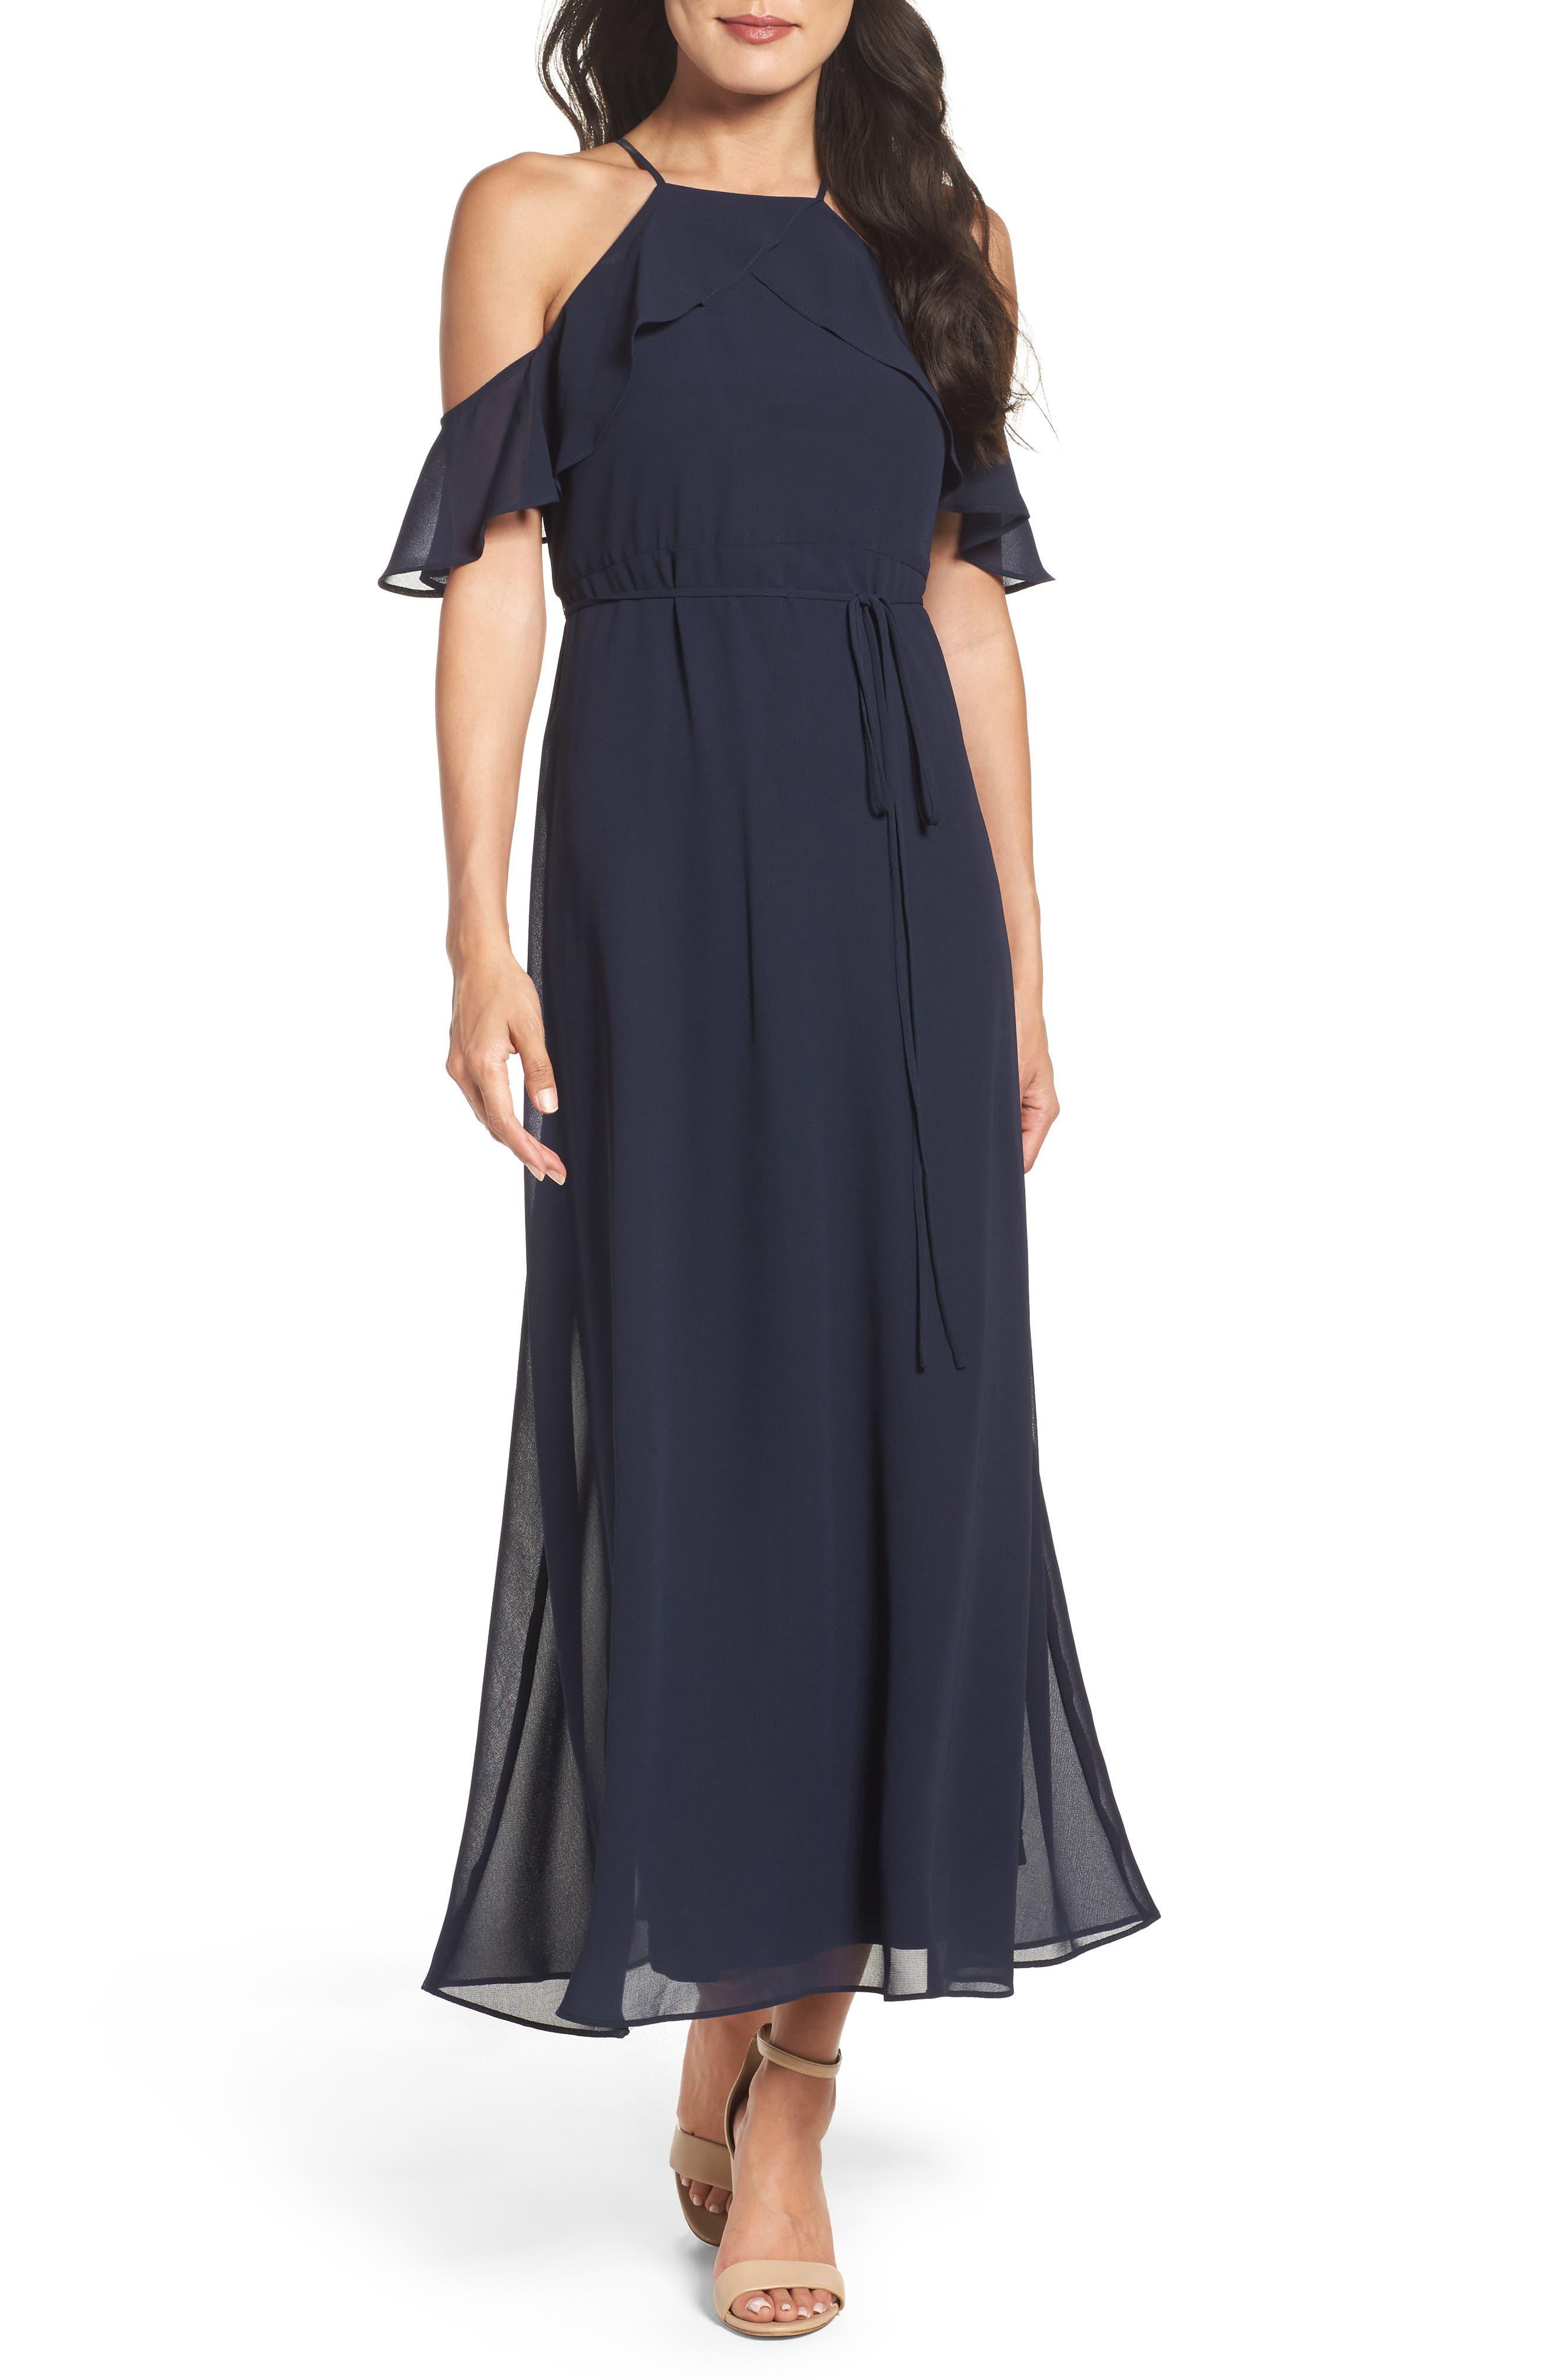 Gabby Skye Cold Shoulder Maxi Dress | Nordstrom